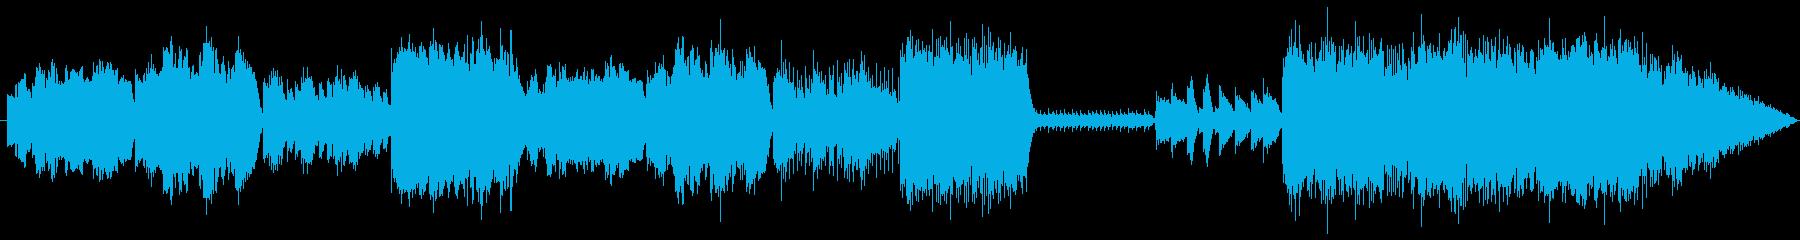 冬の雪だるまをイメージした楽曲です。の再生済みの波形